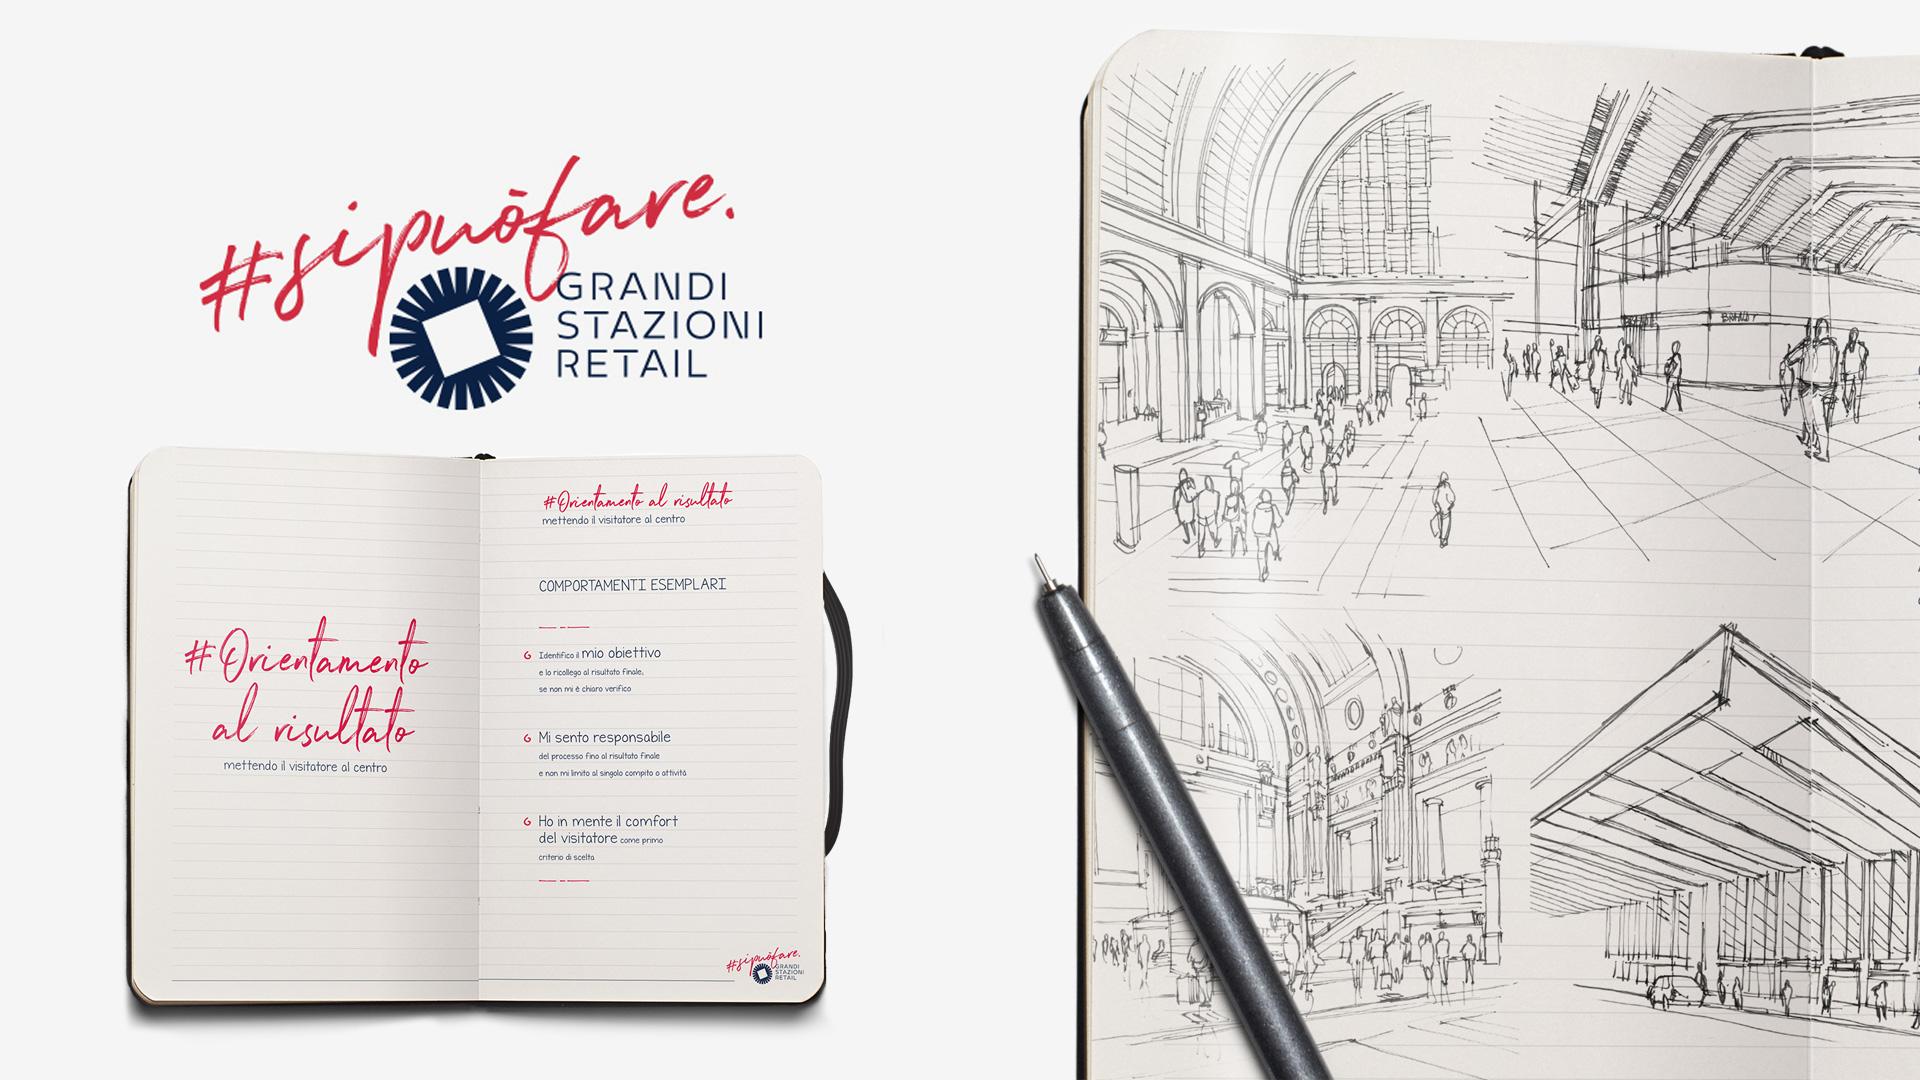 Grandi-Stazioni-Retail-Rba-Design-005